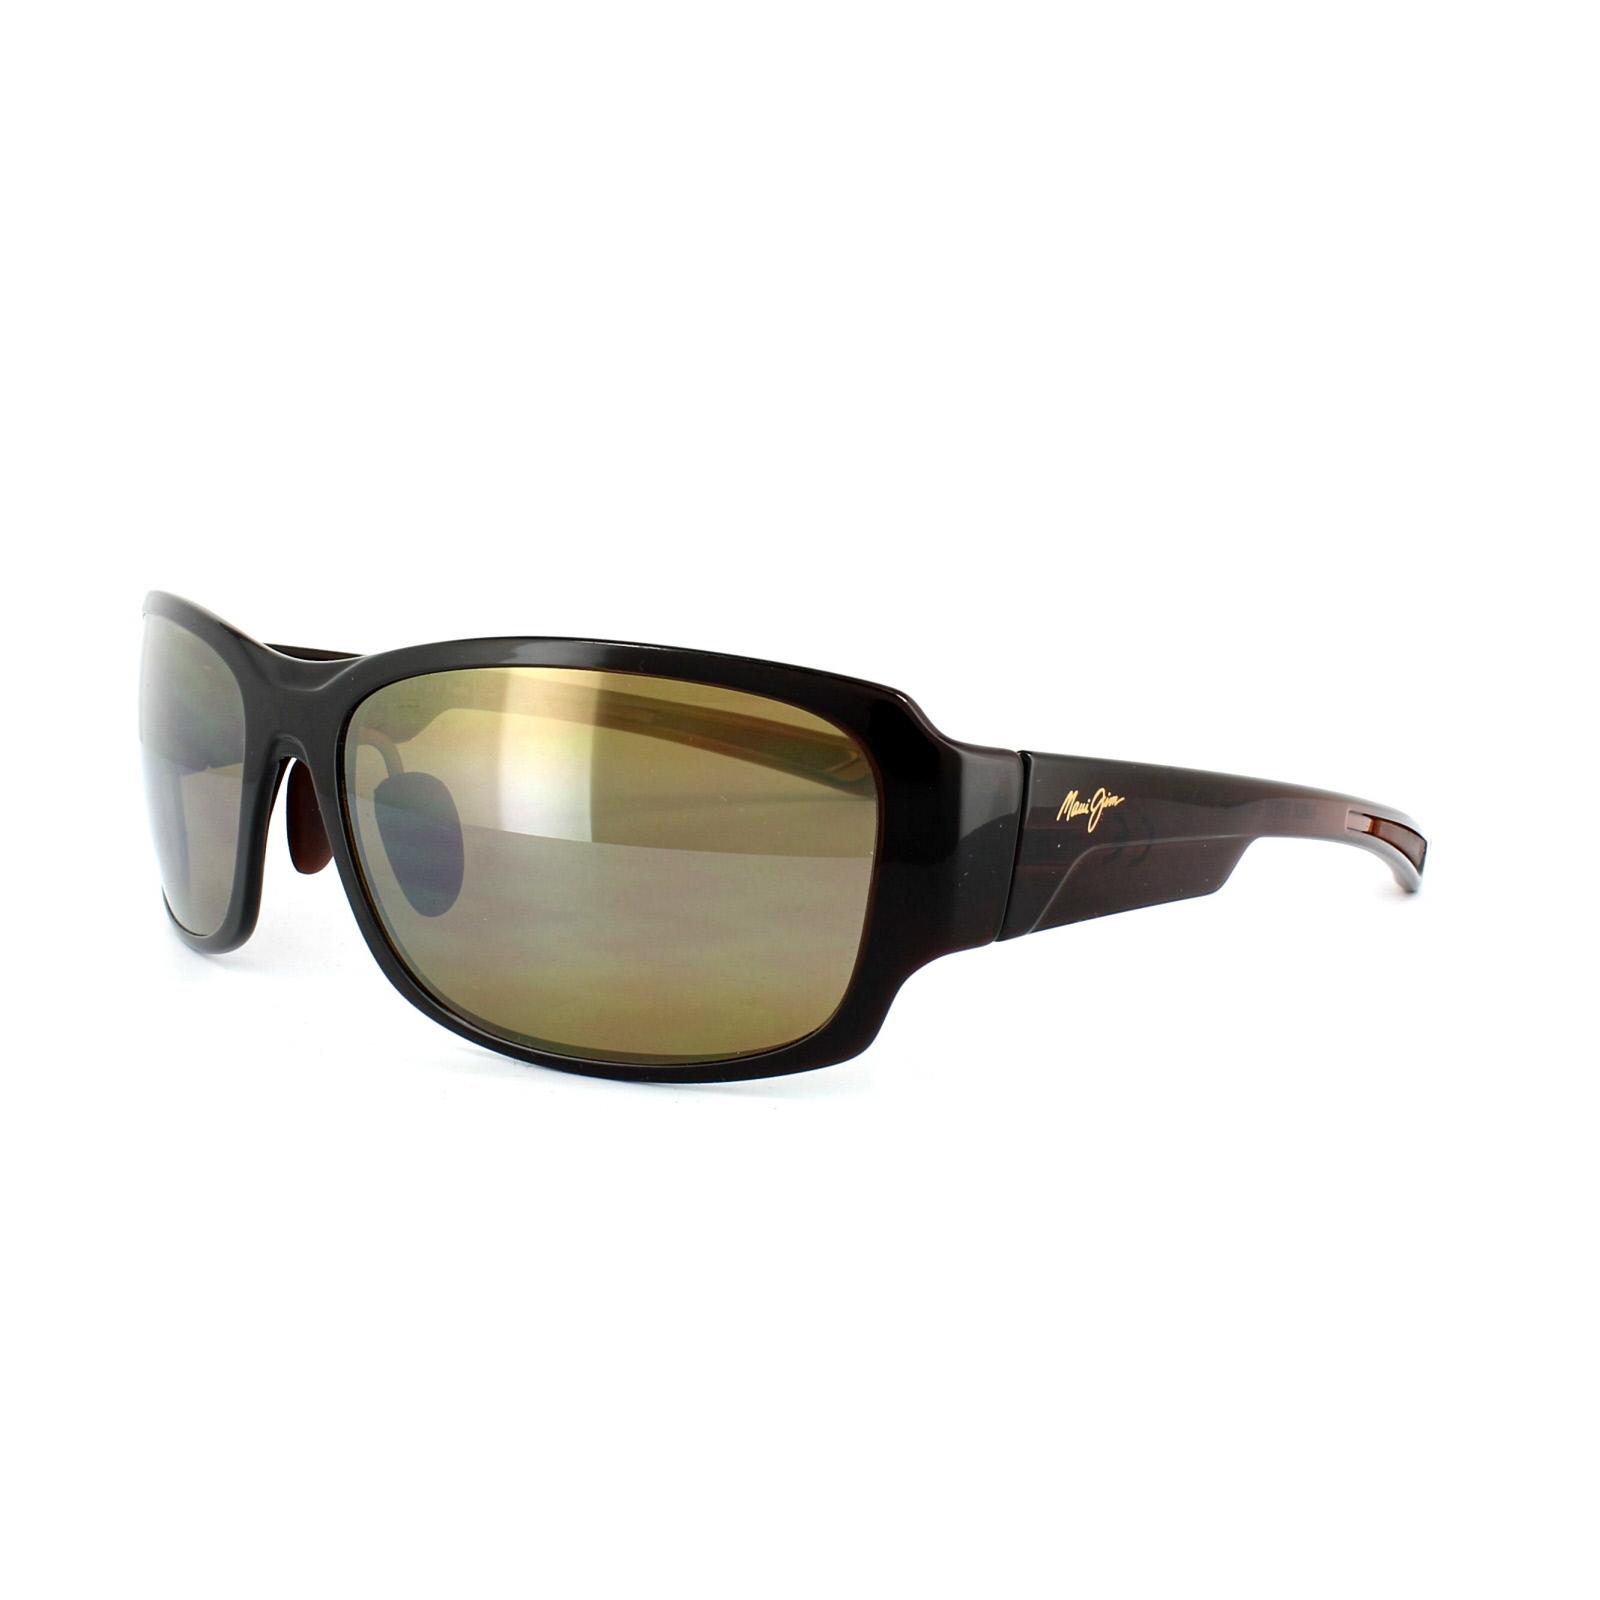 9429d897912d Fake Maui Jim Sunglasses Ebay